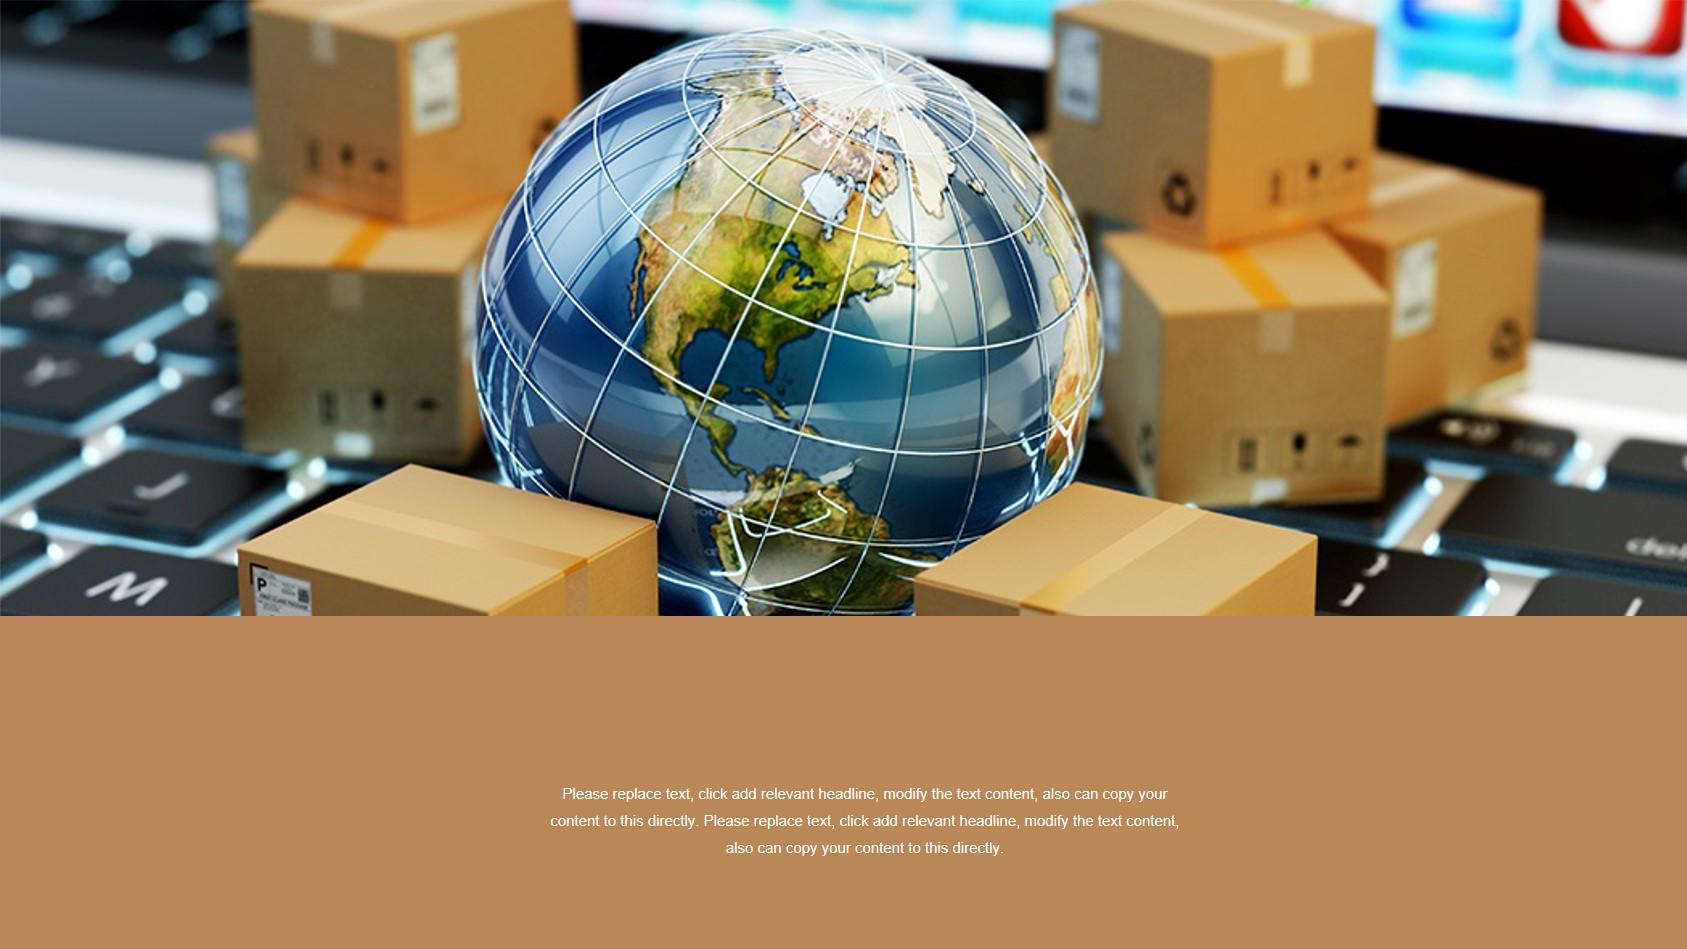 包装箱背景的物流行业PPT模板